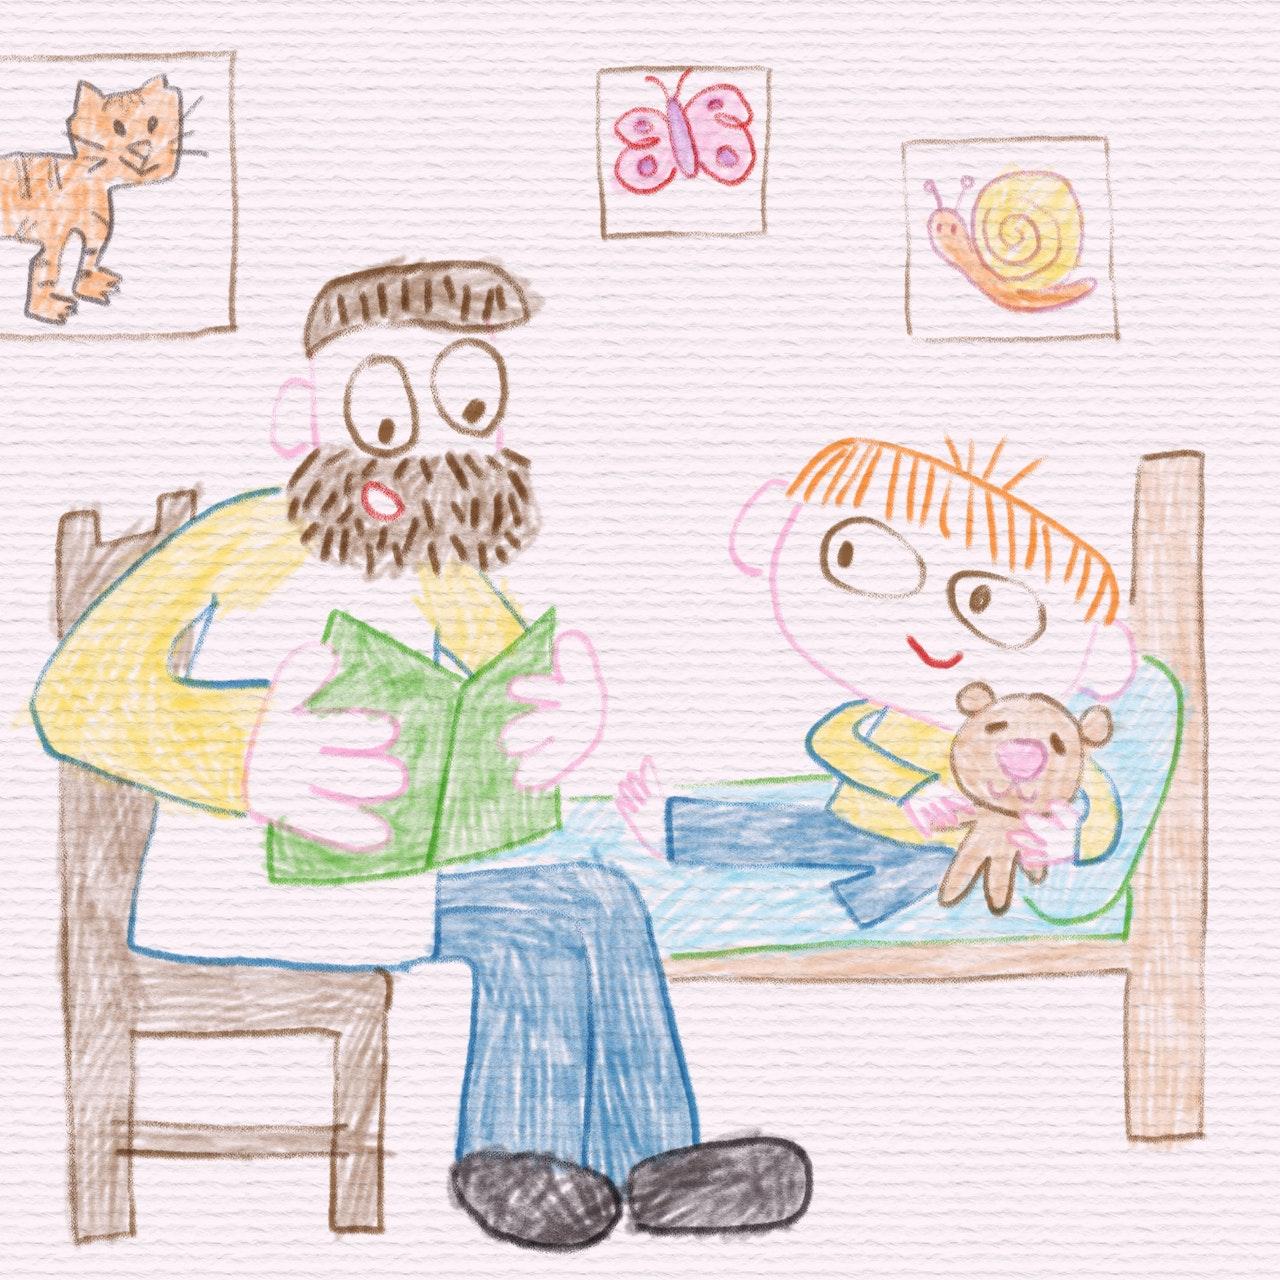 Carousel_2_Bedtime_v4_Artboard 3